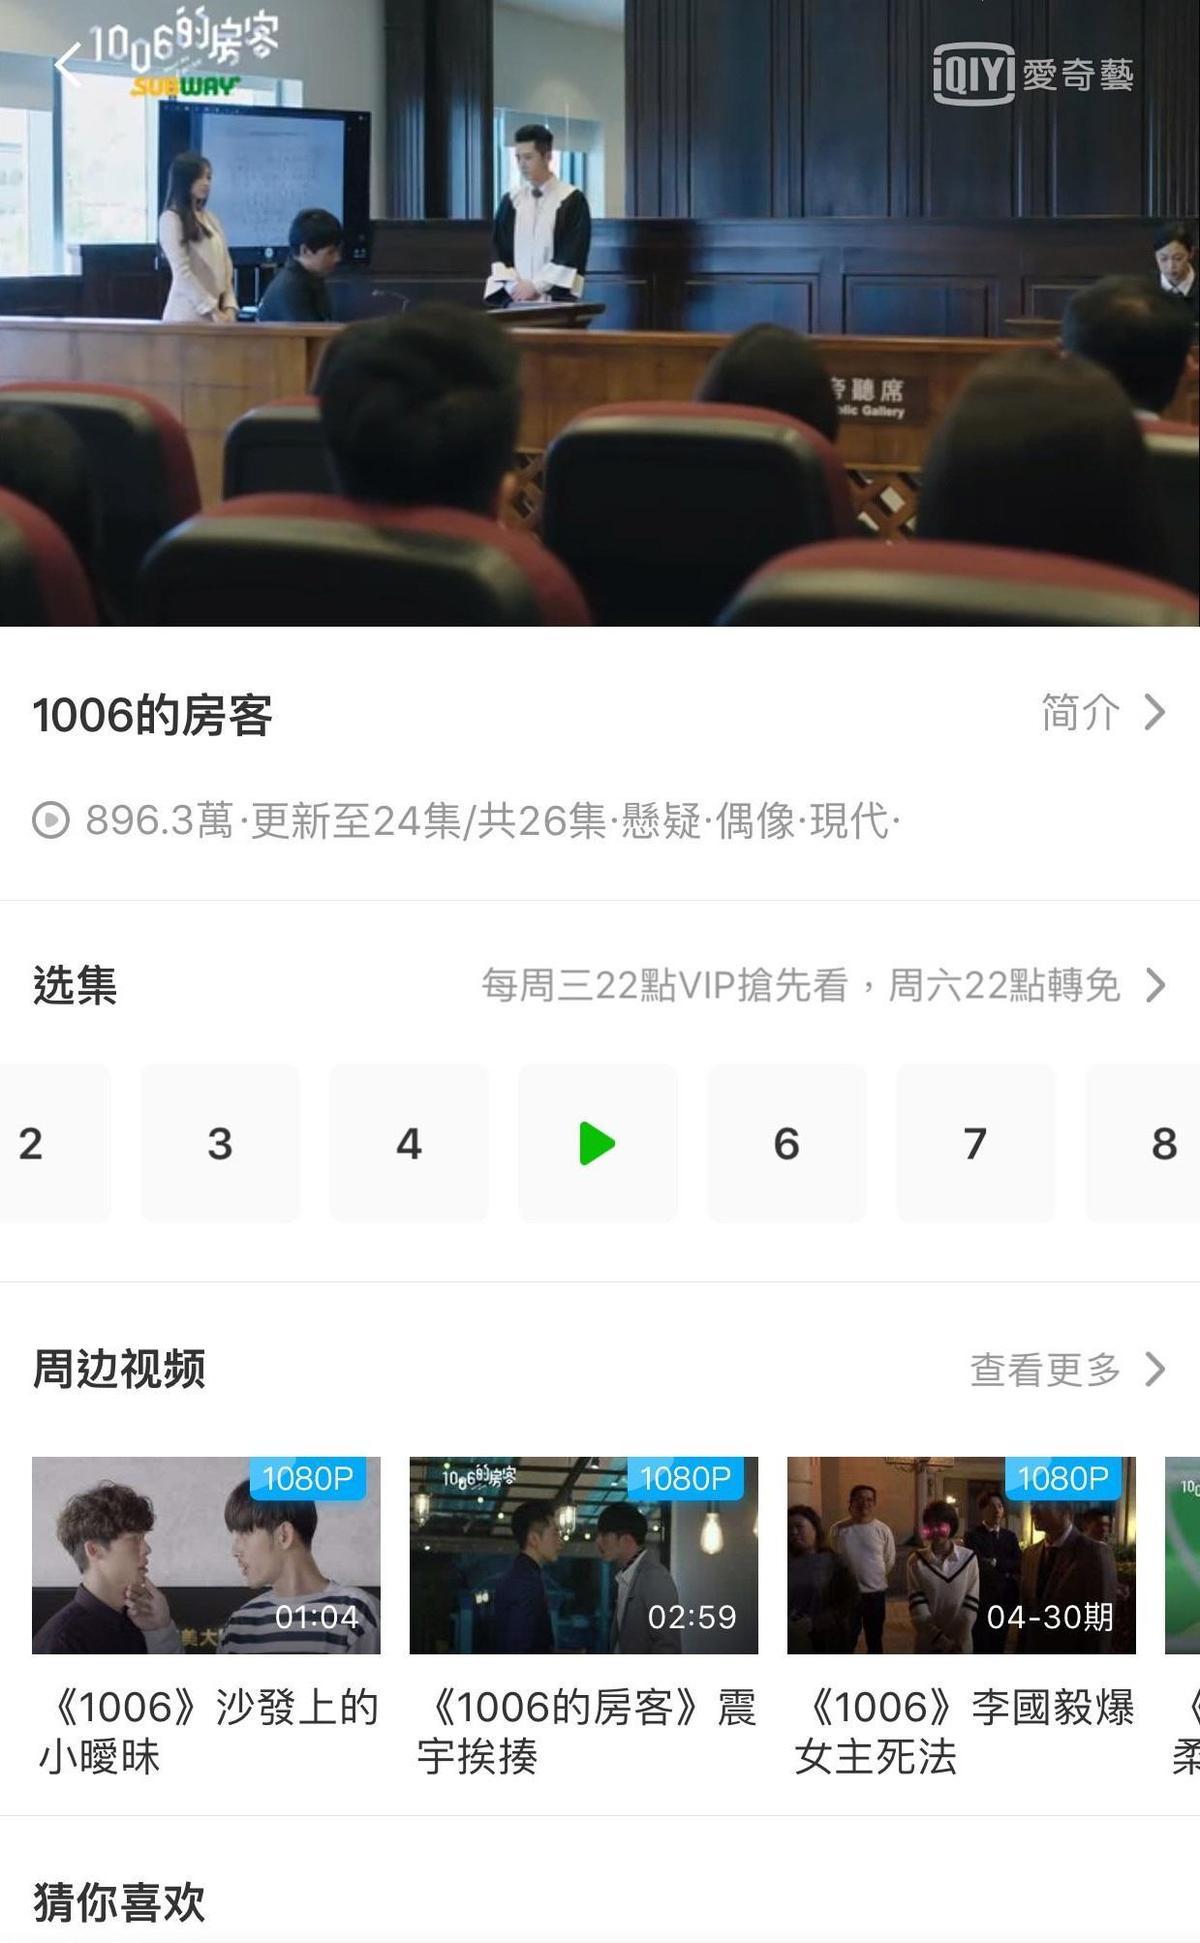 愛奇藝台灣站有韓、日、美、陸、台劇,《1006的房客》在5月24日播出大結局後,點擊次數逼近900萬次。(翻攝自愛奇藝台灣站App)